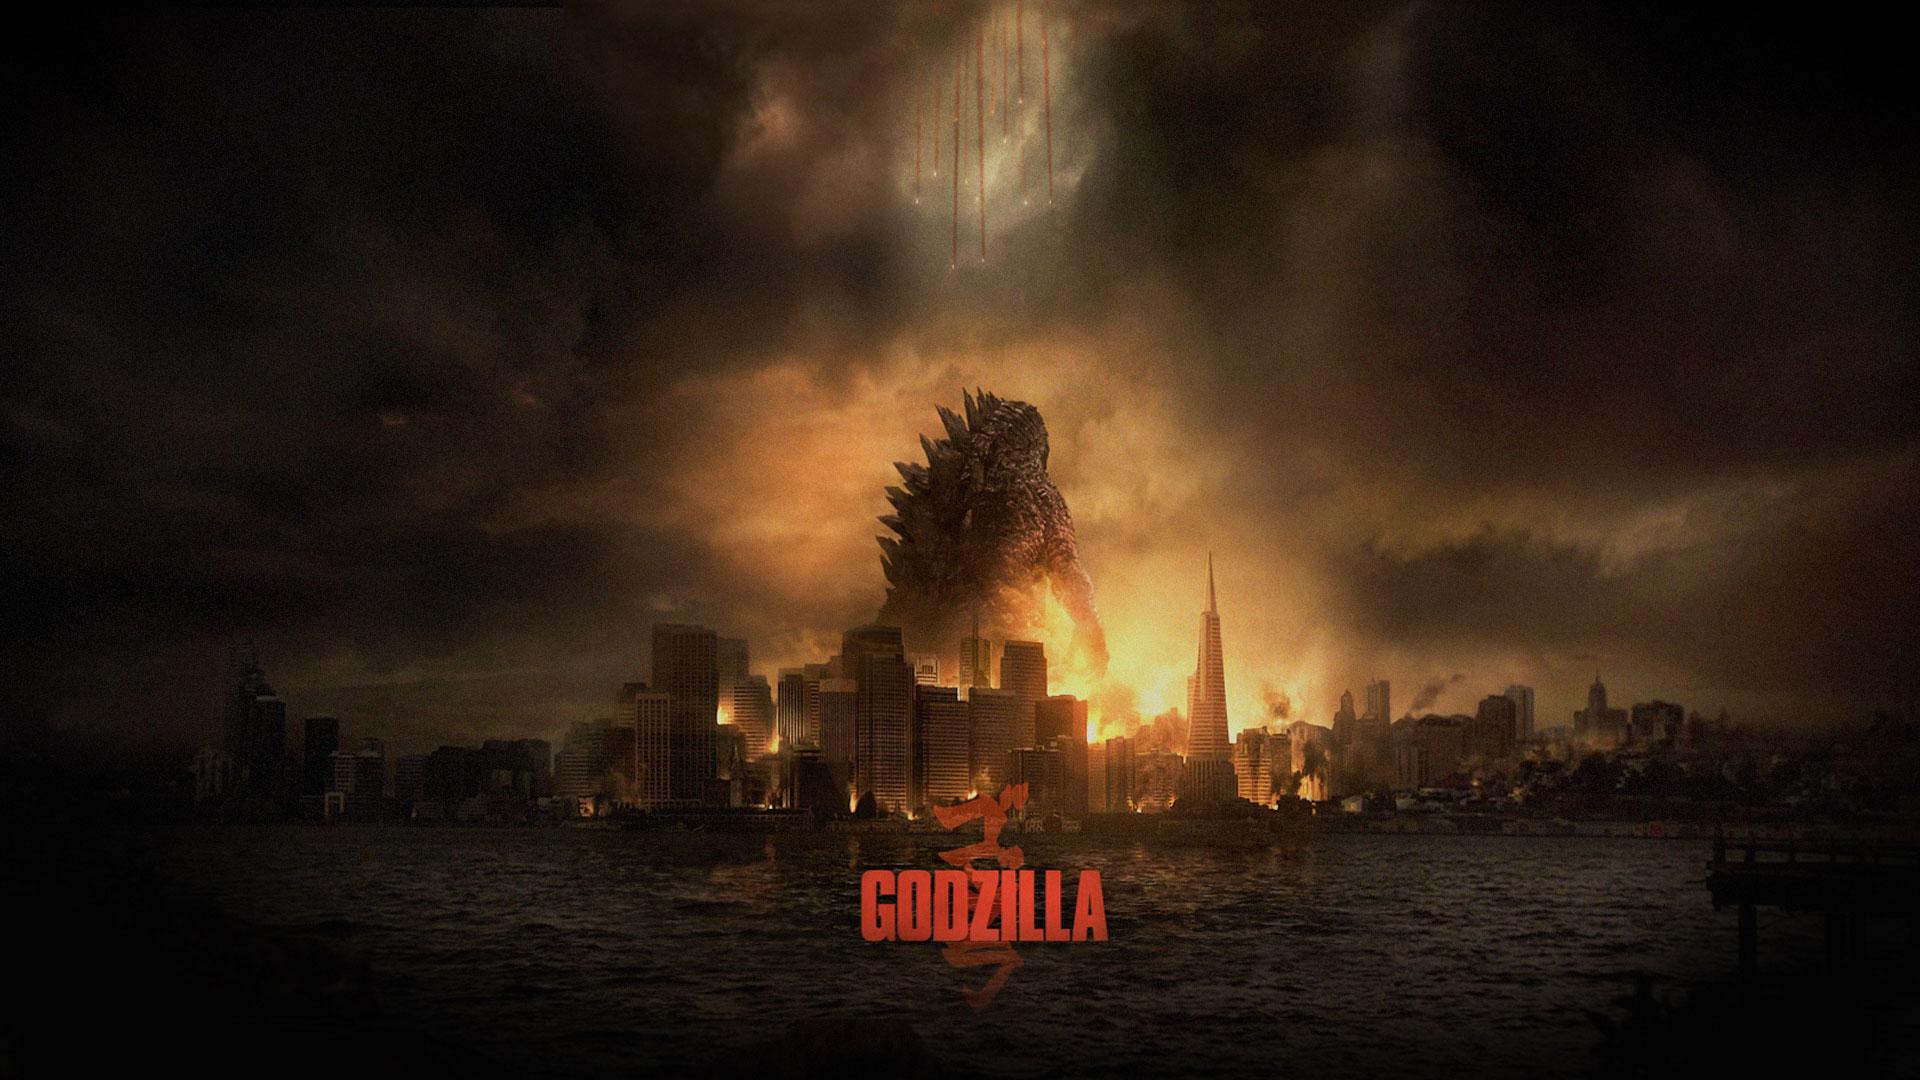 Godzilla 2014 Wallpaper 1080p 1920x1080